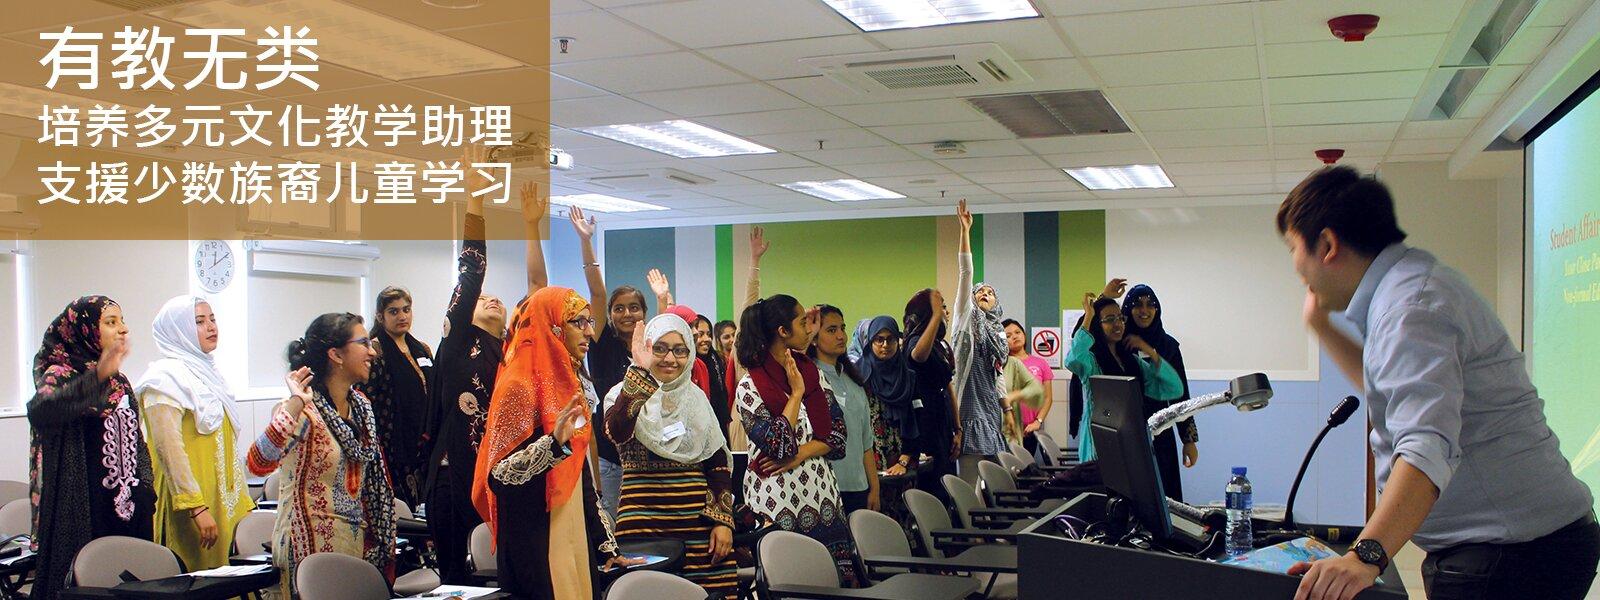 有教无类:培养多元文化教学助理 支援少数族裔儿童学习